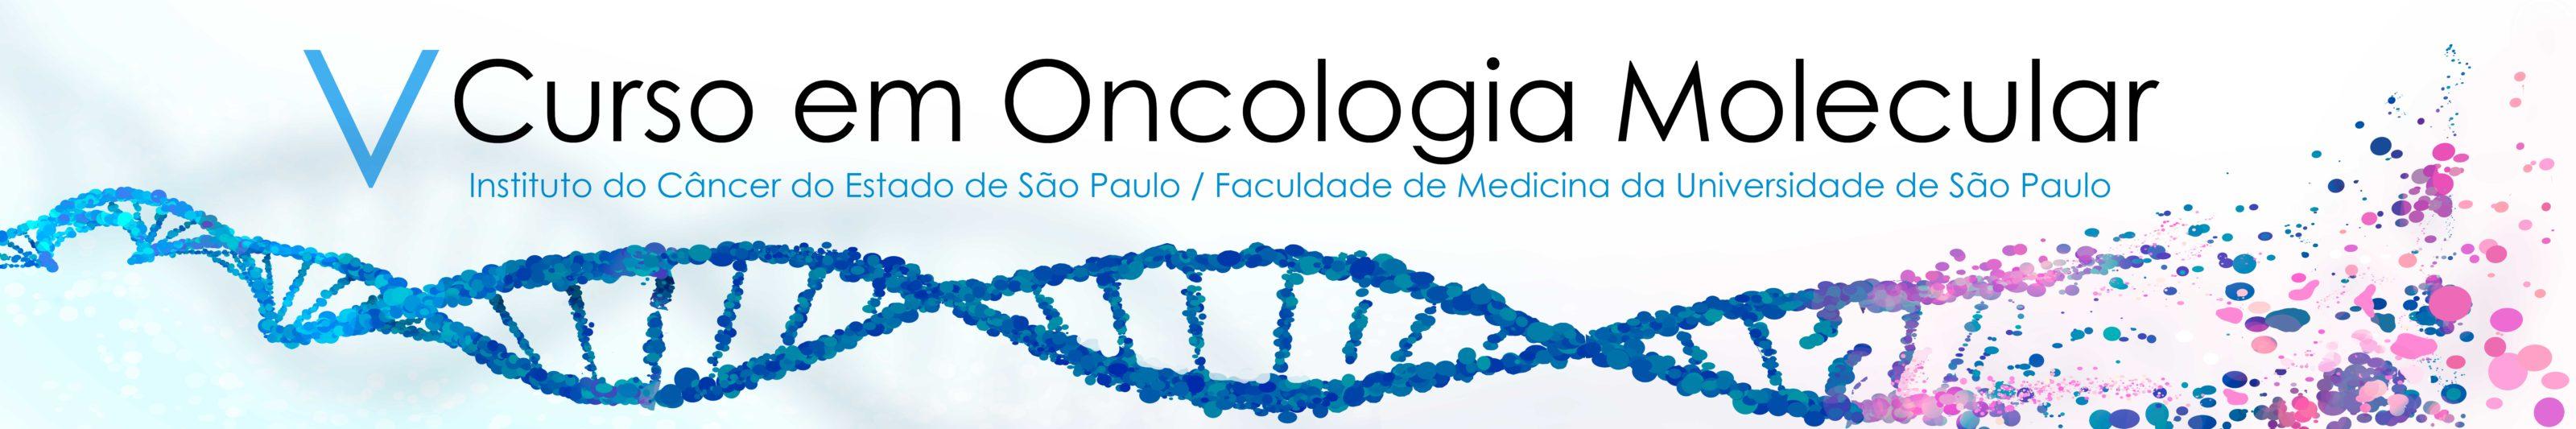 V Curso em Oncologia Molecular